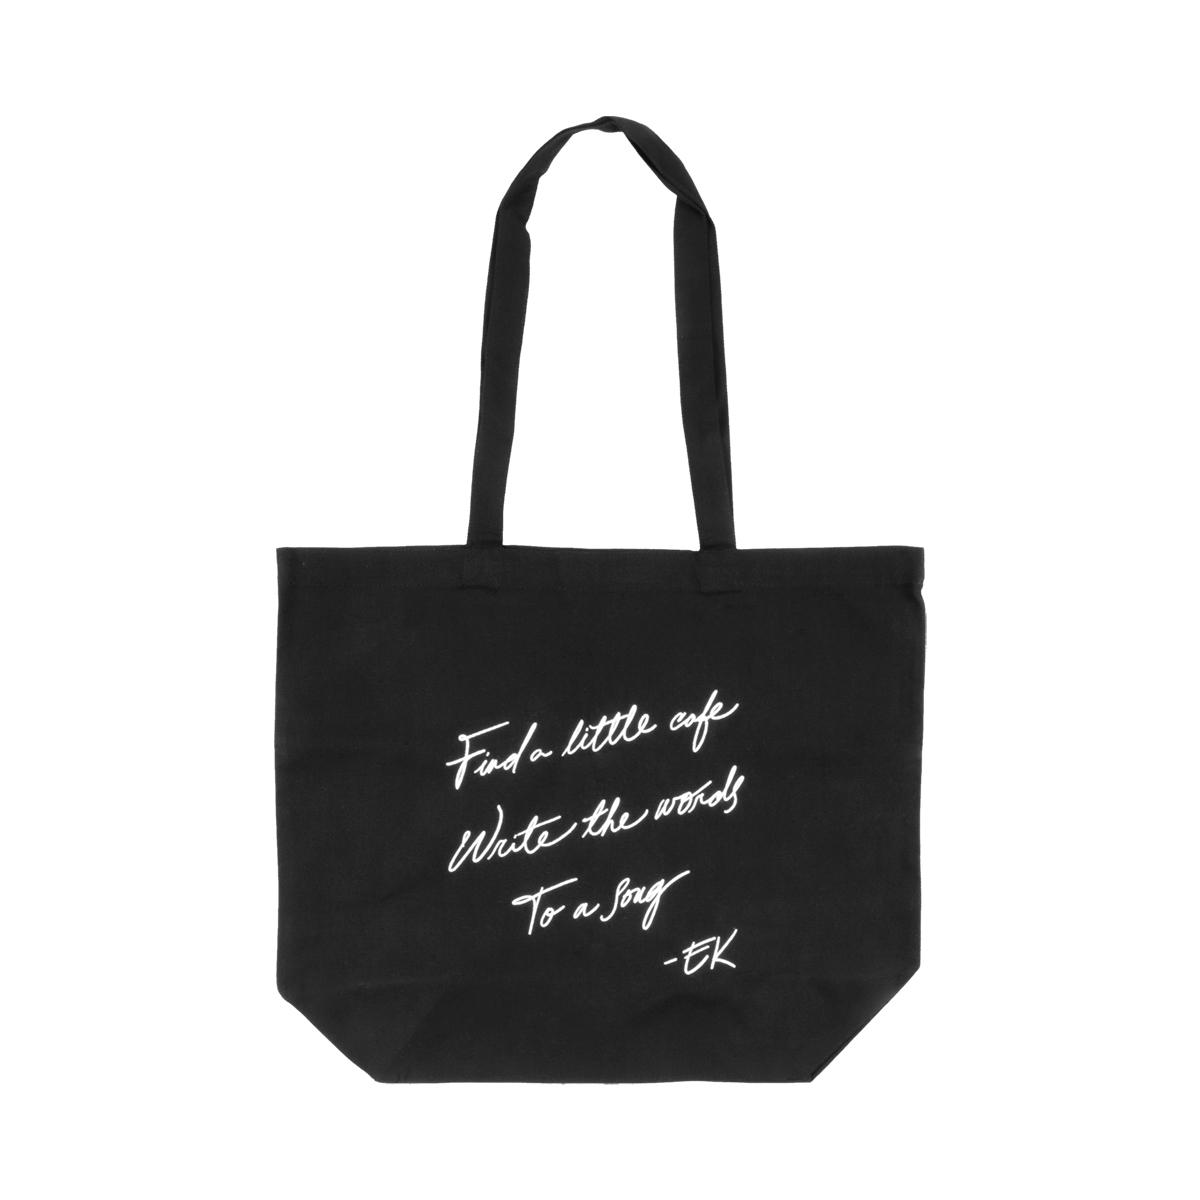 Emily King Tote Bag